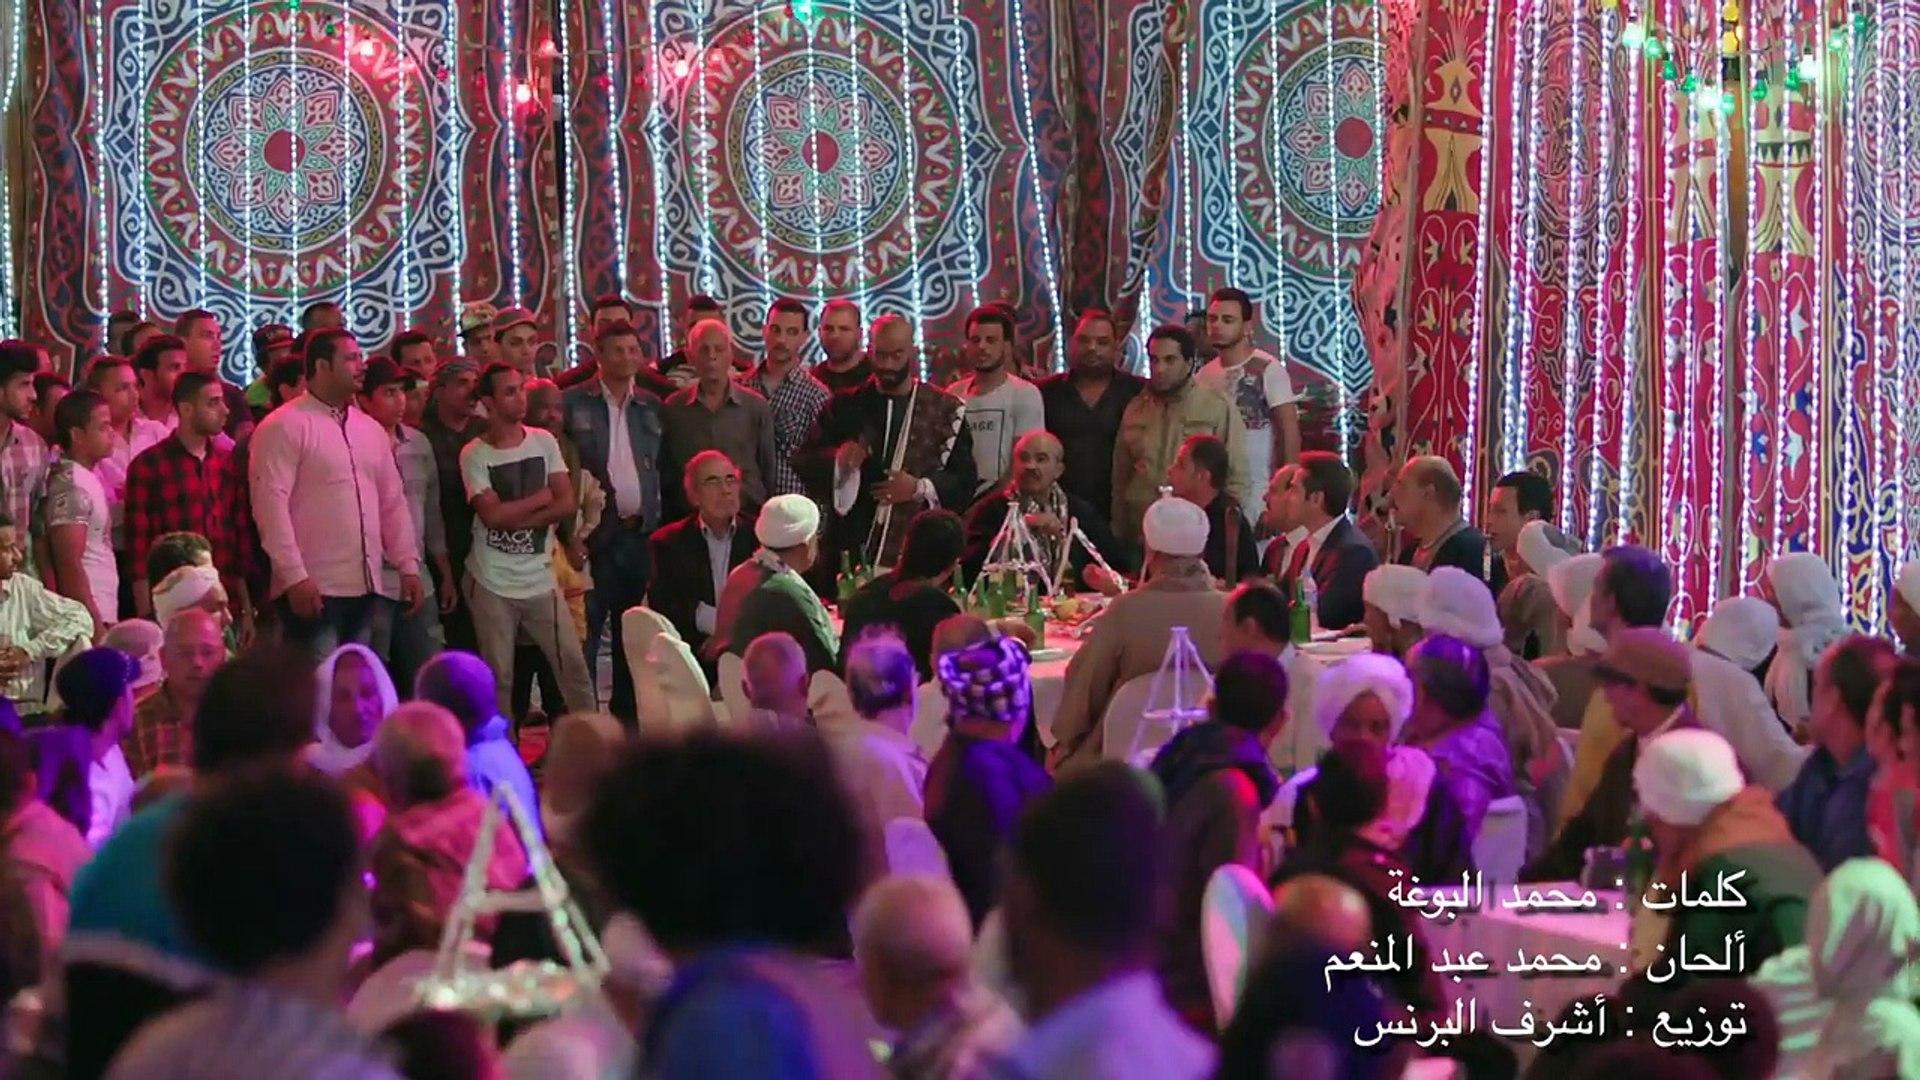 اغنية ابن دمى اسماعيل الليثي مسلسل الاسطورة محمد رمضان